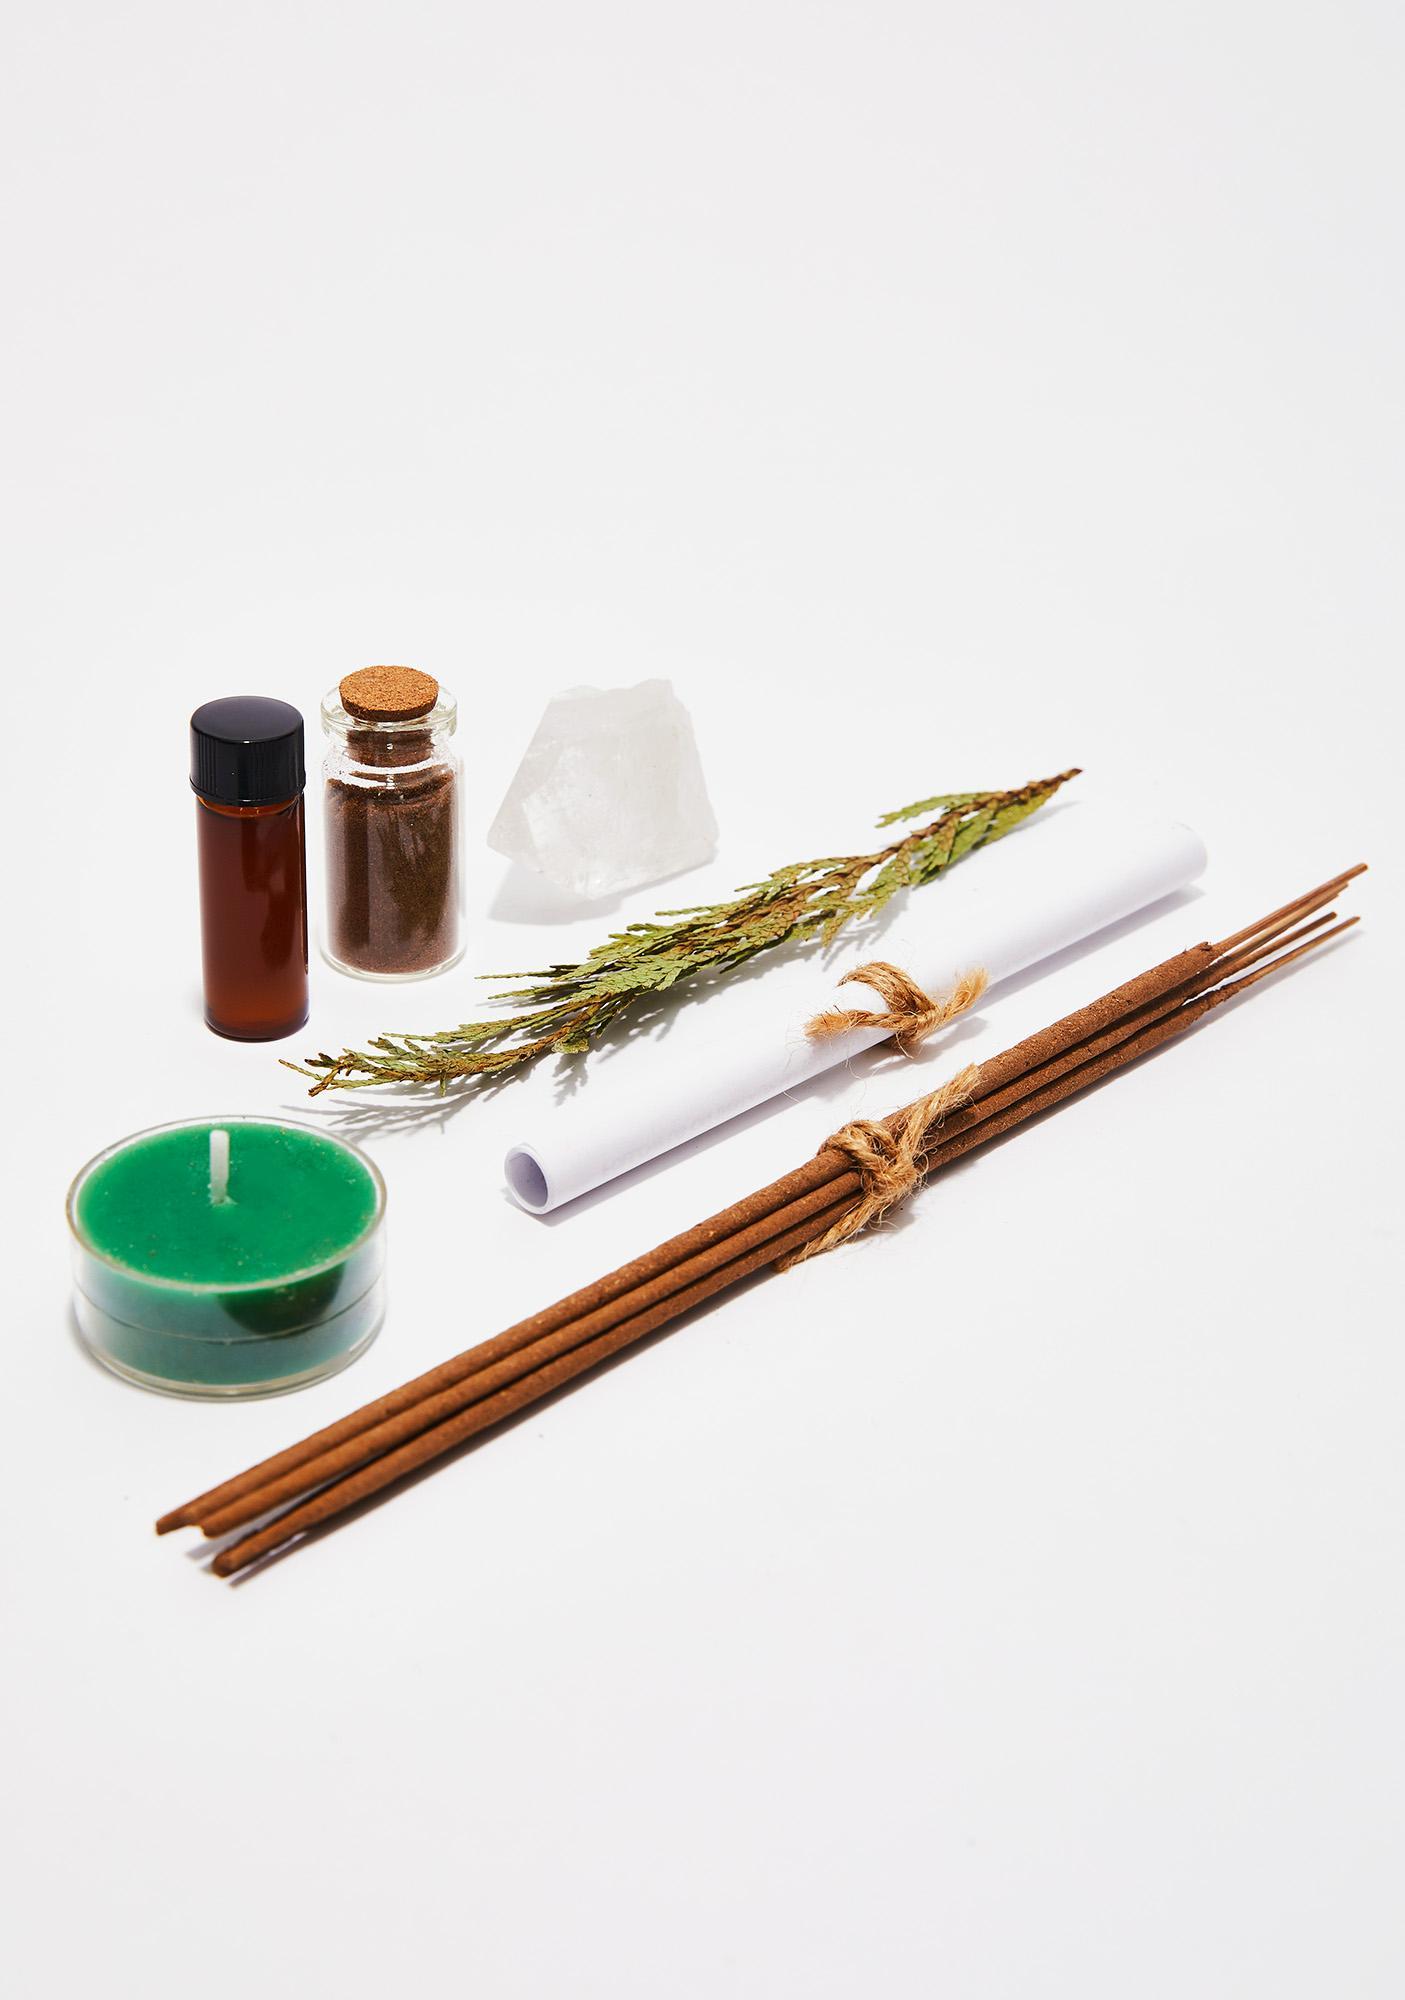 J. SOUTHERN STUDIO Ballin' Incense Kit